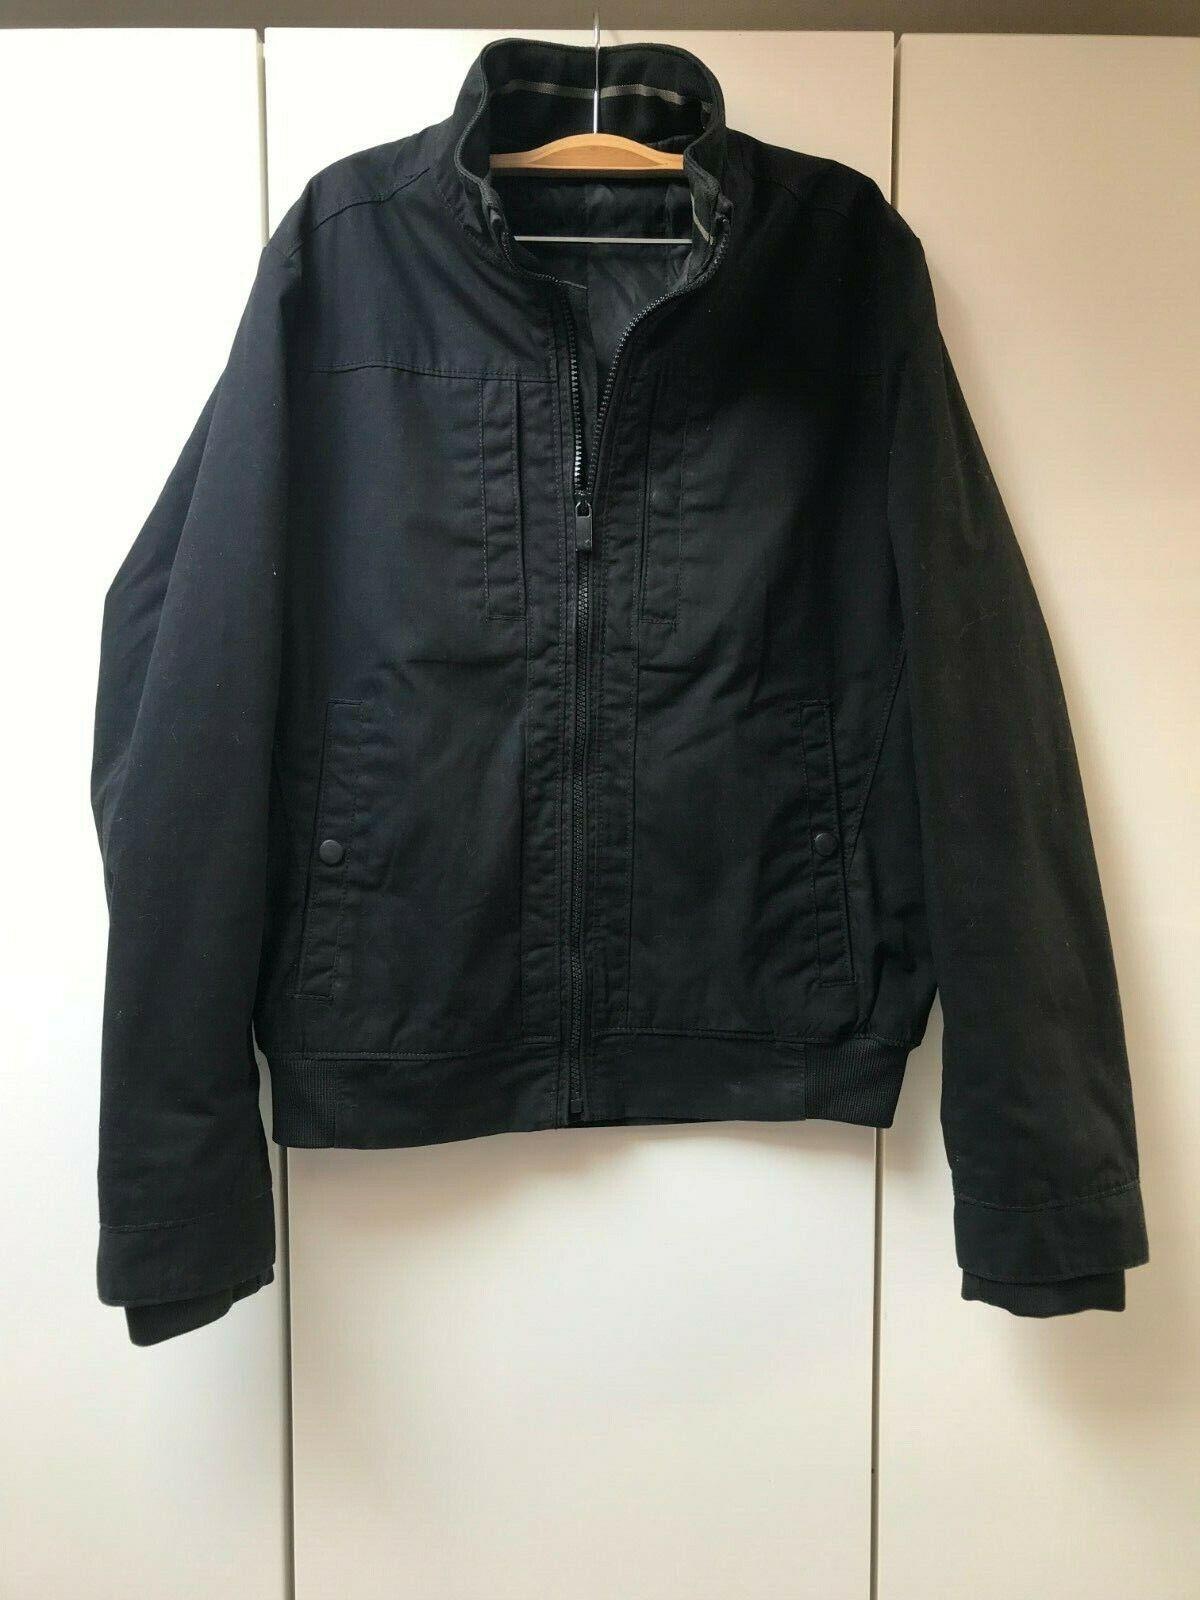 Veste zippée noire Celio - Taille S (A)